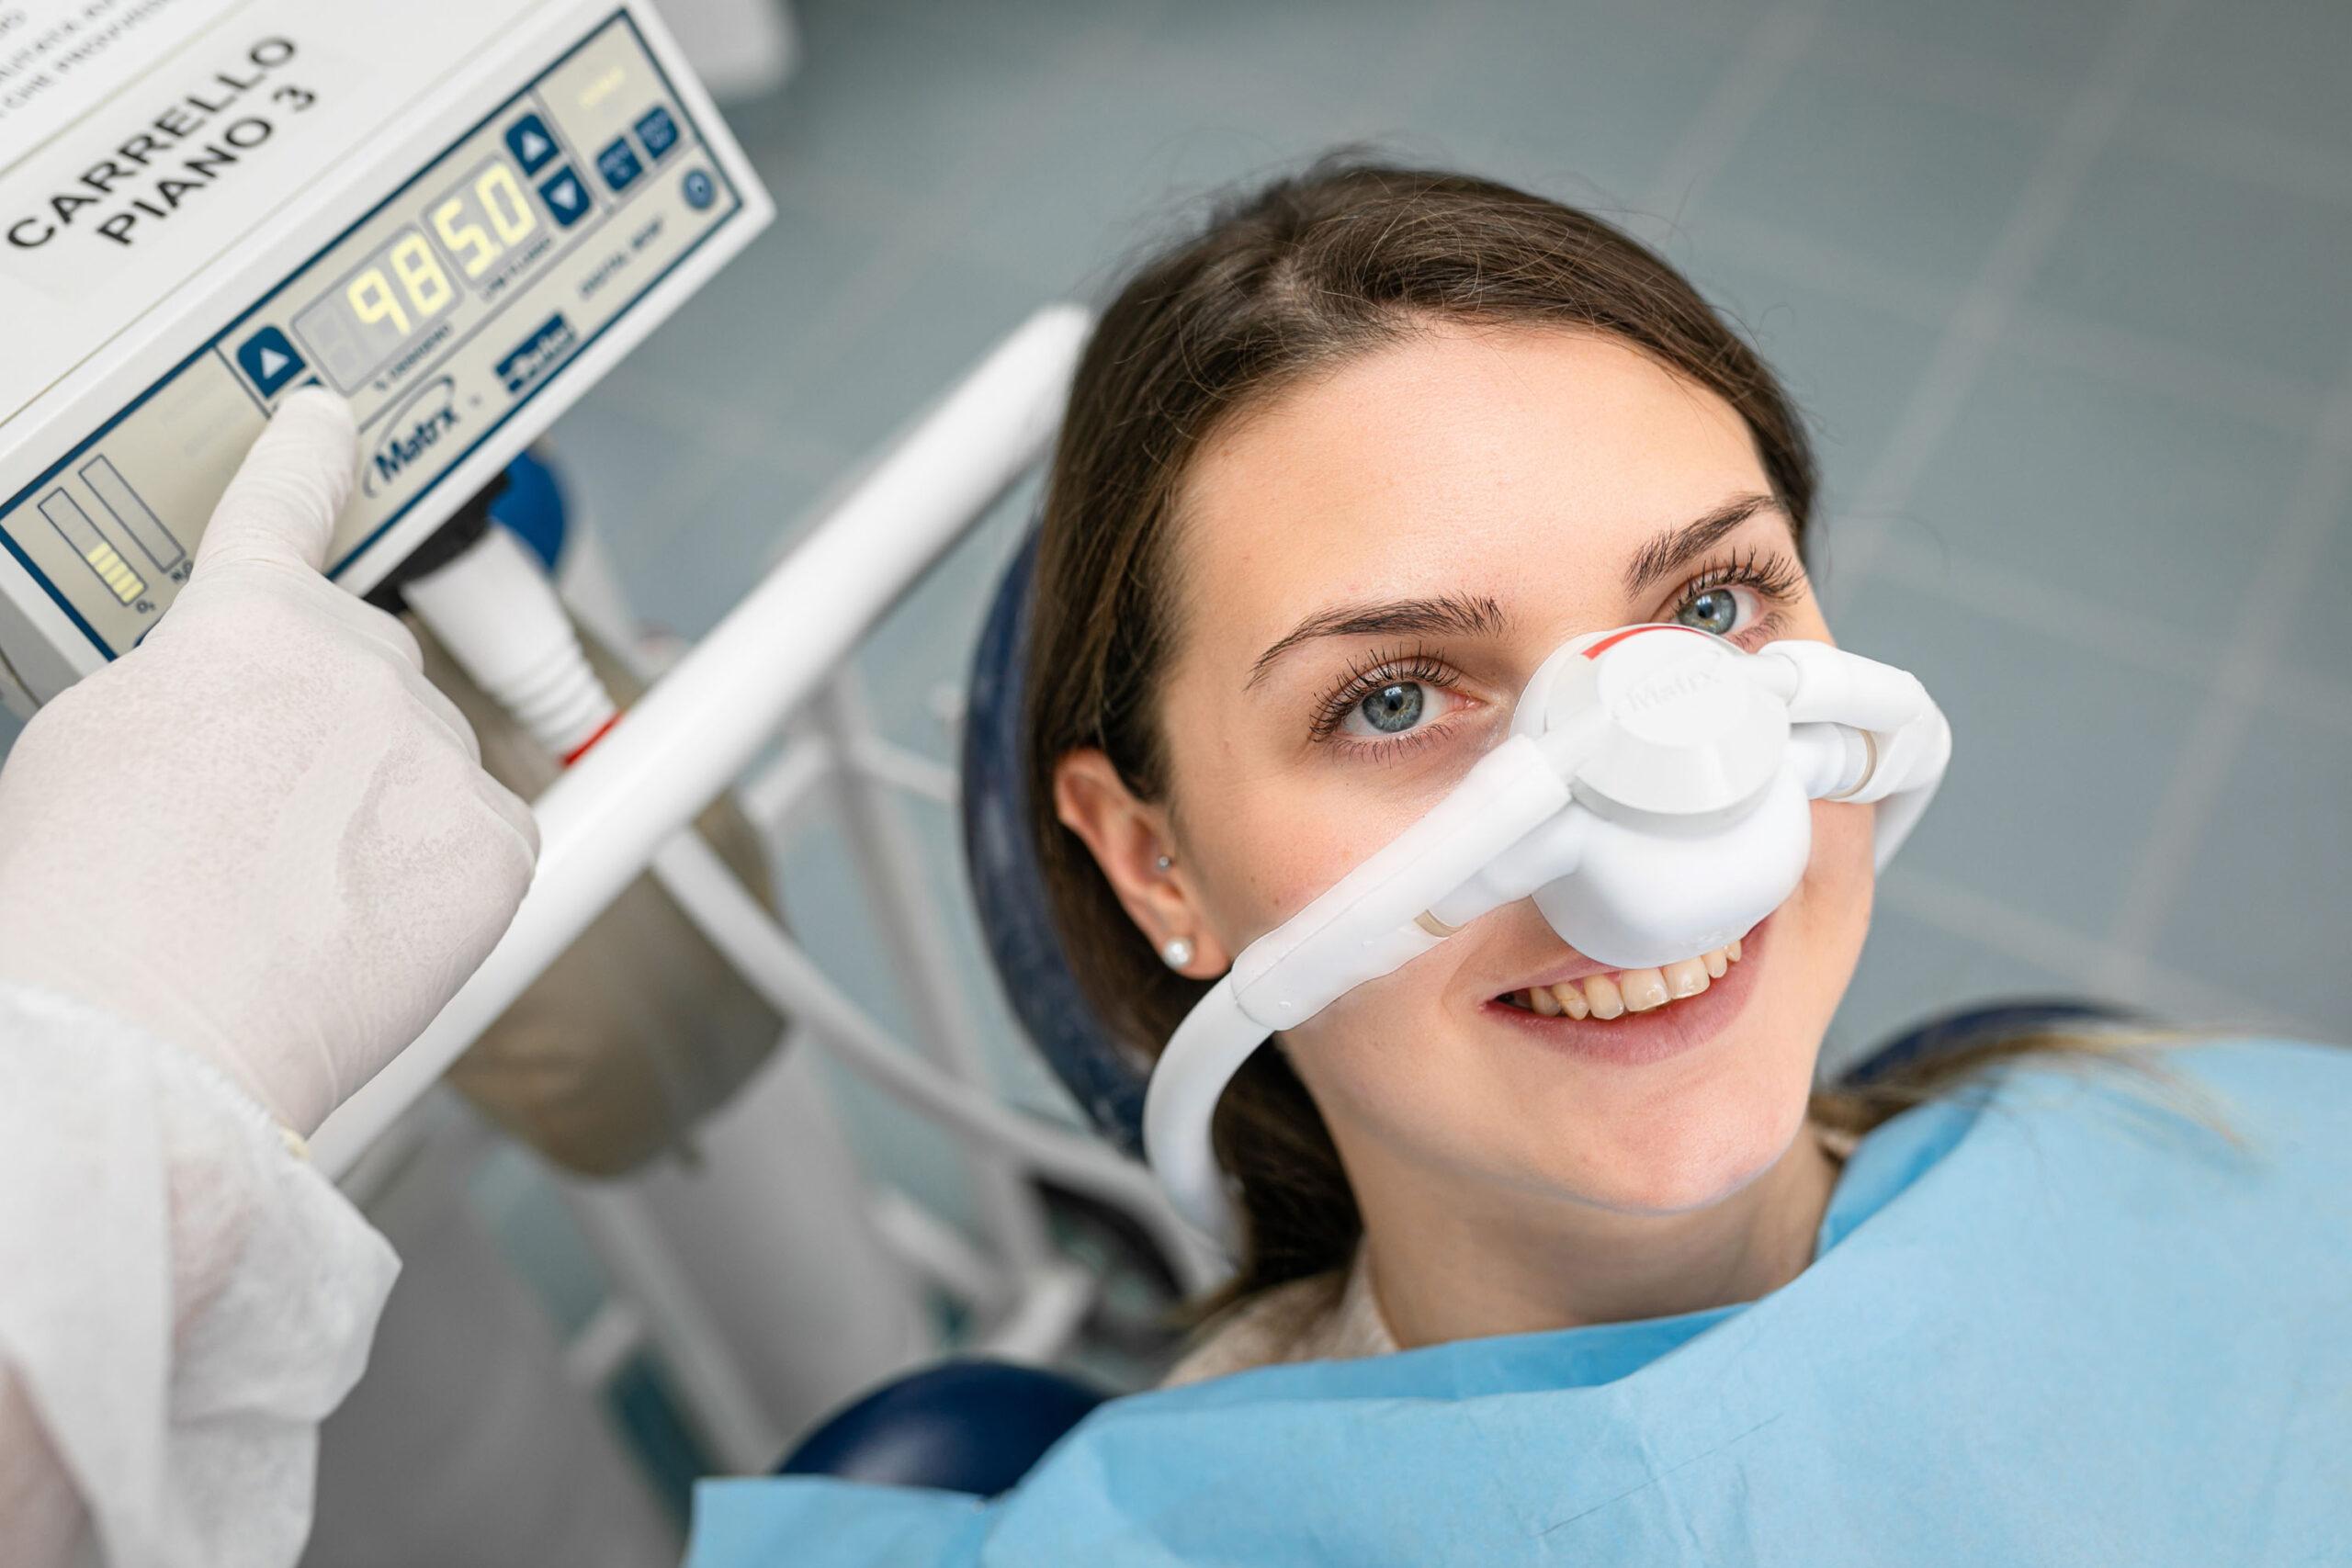 Trattamento pazienti odontofobici